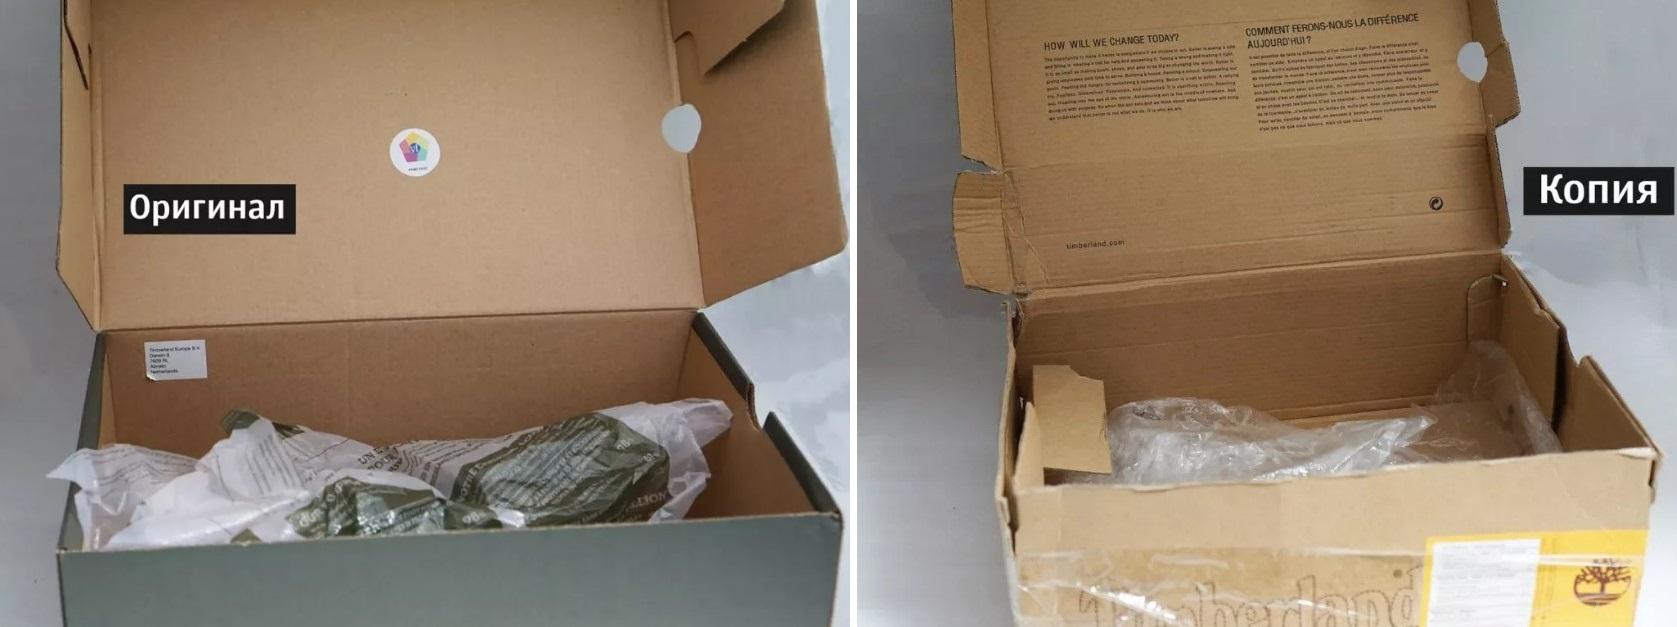 Коробка от оригинальных ботинок Timberland и подделки